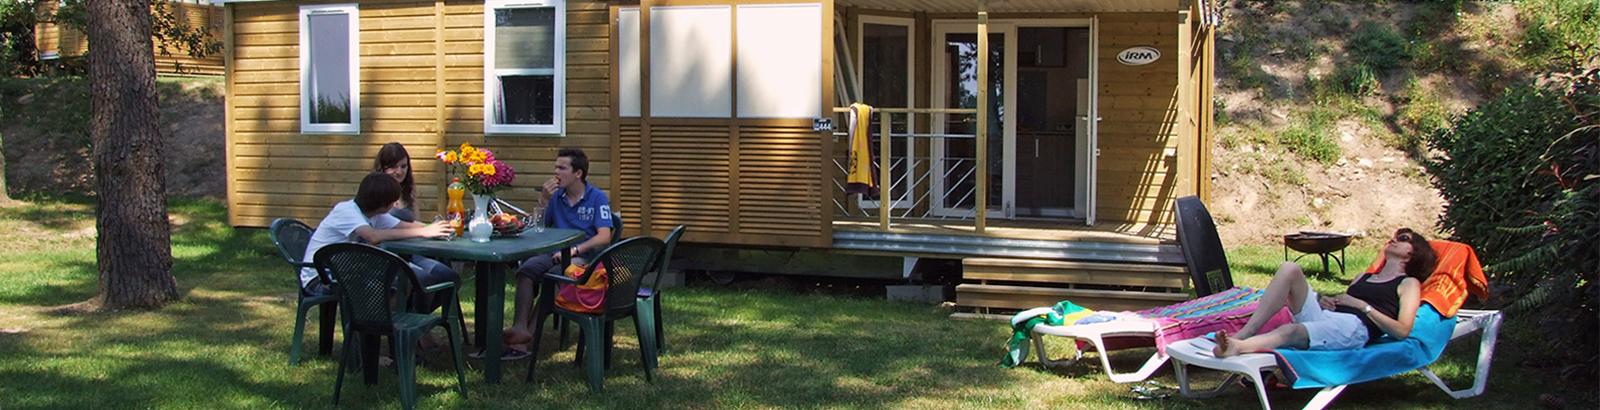 Terrasse couverte avec volets coulissants pour le Chalet Lodge